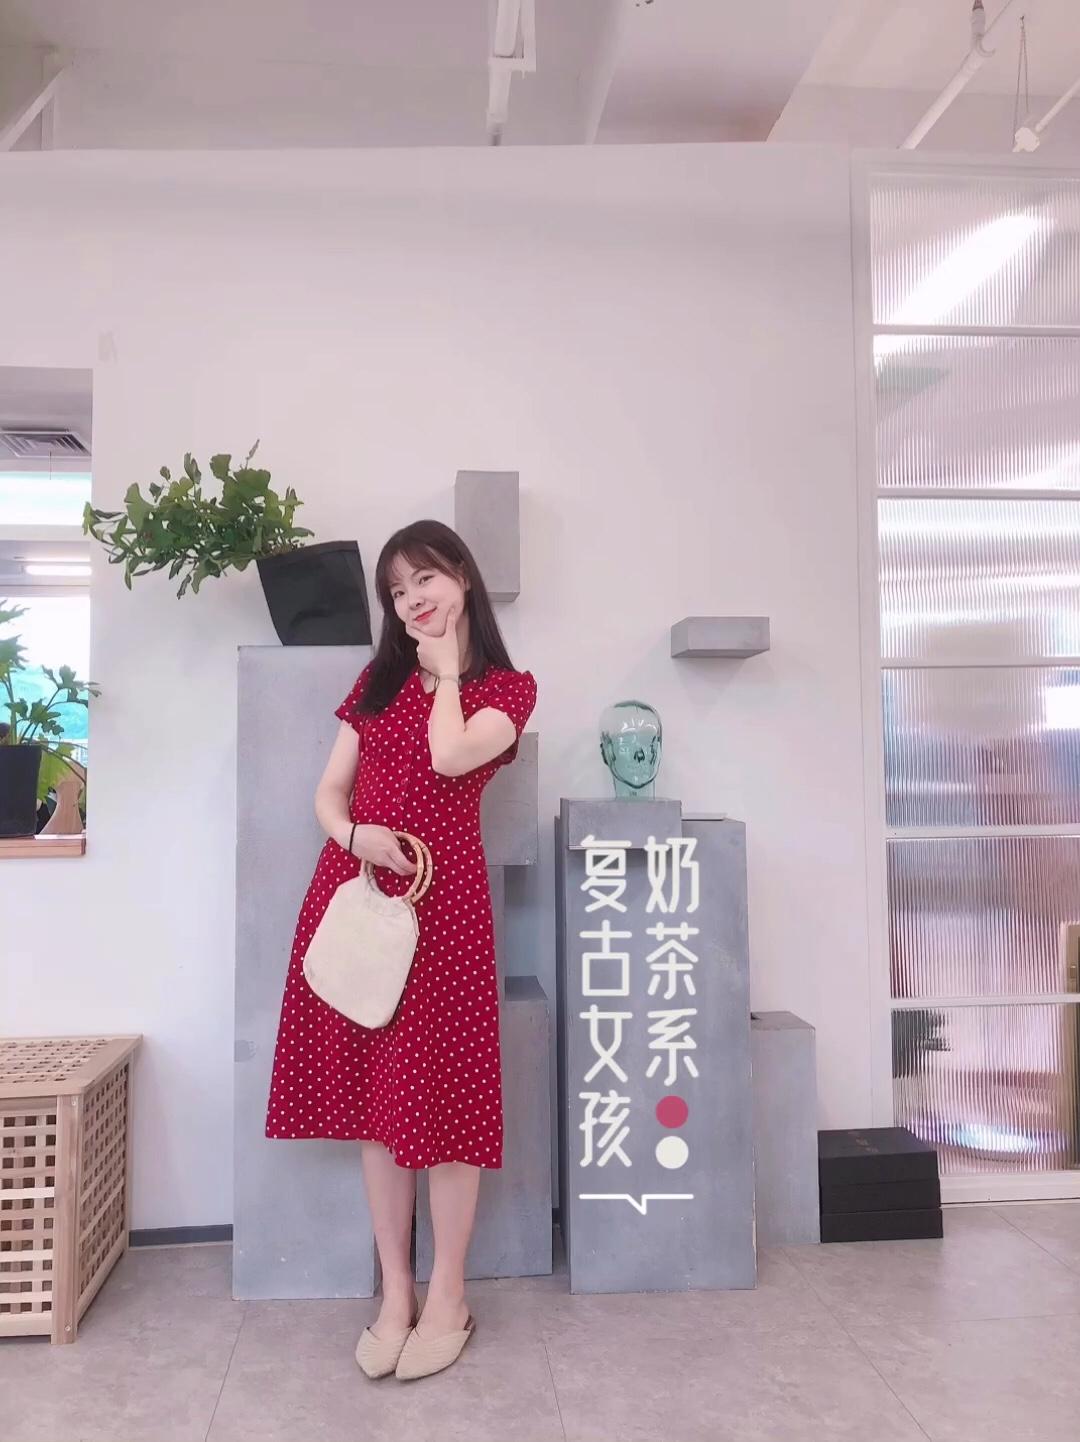 【复古女孩-奶茶色】 裙子:秋水伊人 包包:尤今的店 这个夏天你是否还是黑白灰 夏天试试看温柔又复古的奶茶色系 这条红色波点连衣裙有点小复古 优雅大方的V领设计 垂坠感超好的面料 很给身材加分哦~ #蘑菇街新品测评#